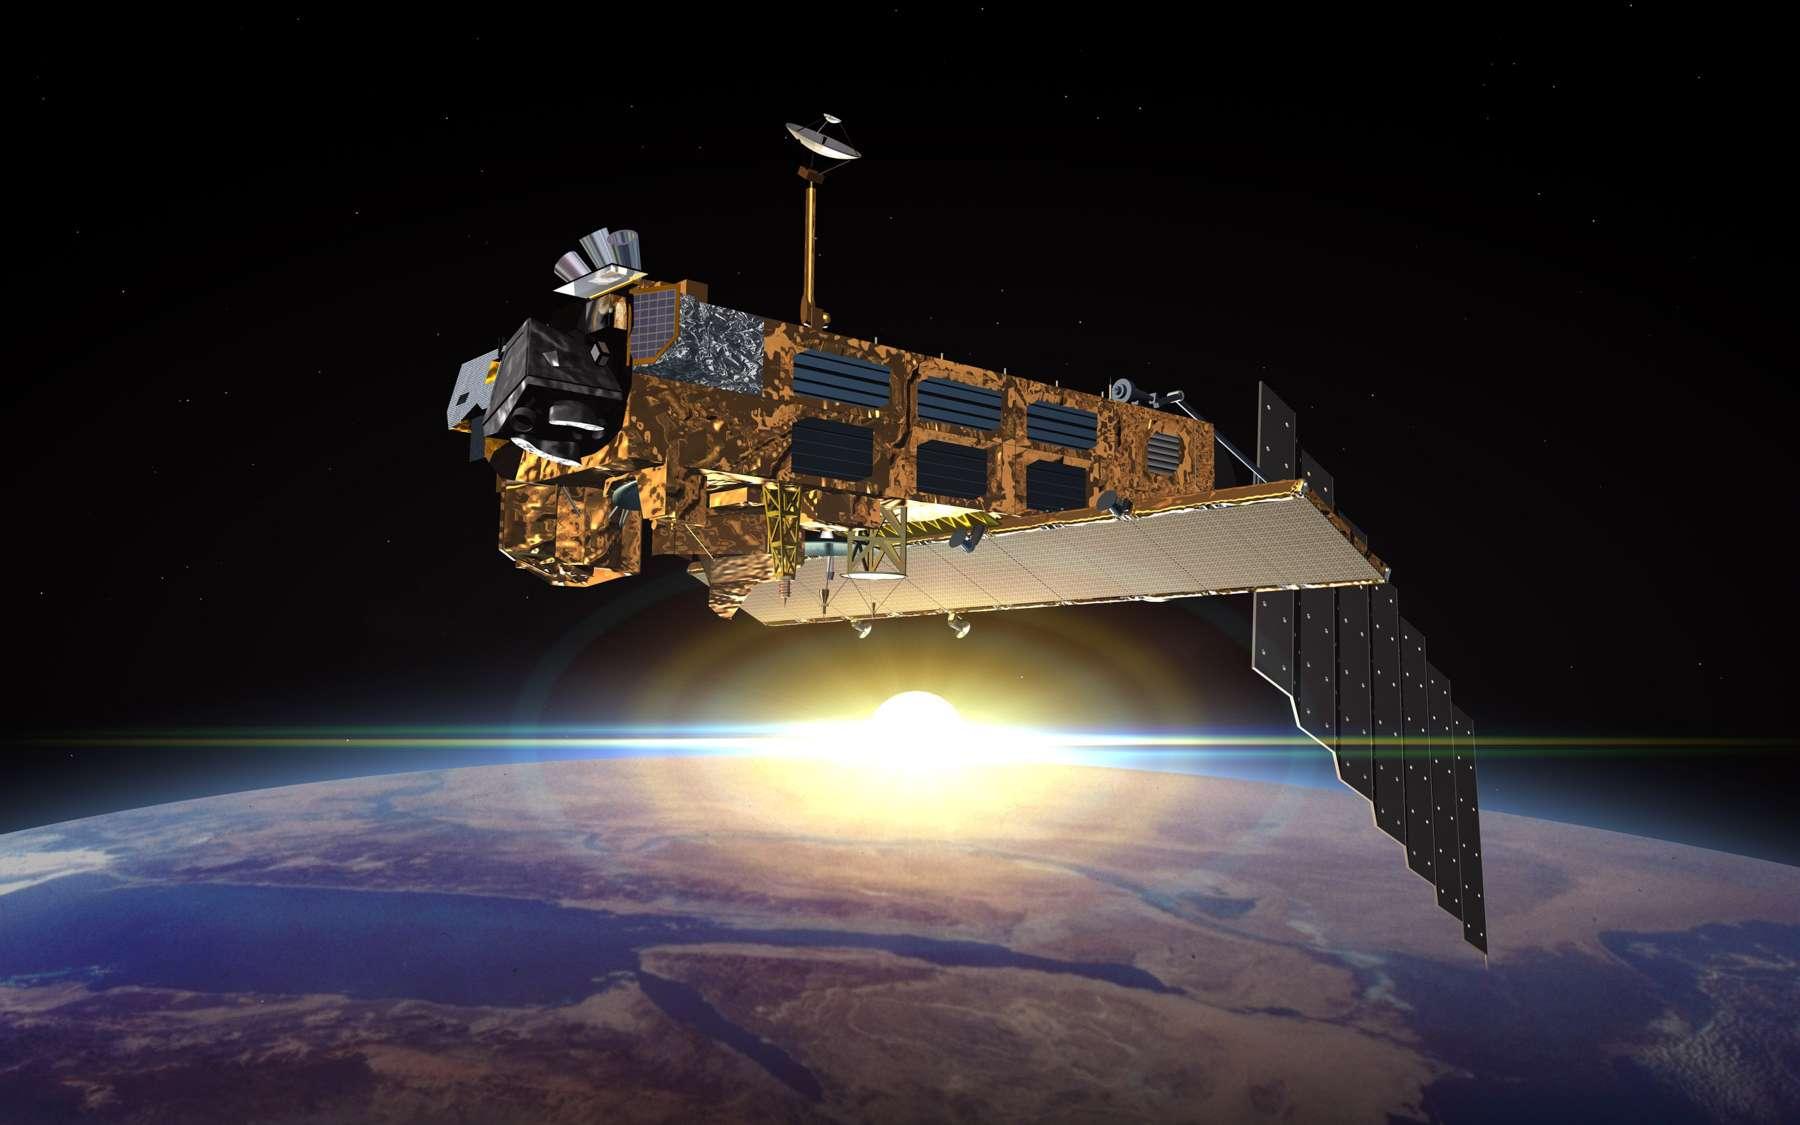 Avant de devenir un débris spatial, Envisat a été un formidable satellite d'observation de la Terre pour le compte de l'Esa. Les dix instruments embarqués ont fourni des informations de premier plan aux scientifiques, mais aussi à de nombreux prestataires de service dans plusieurs domaines de la recherche climatique et environnementale. Seul regret : Envisat n'a pas réussi à passer le relais aux satellites Sentinel qui lui succéderont à partir de 2014. © Esa, Denman Productions